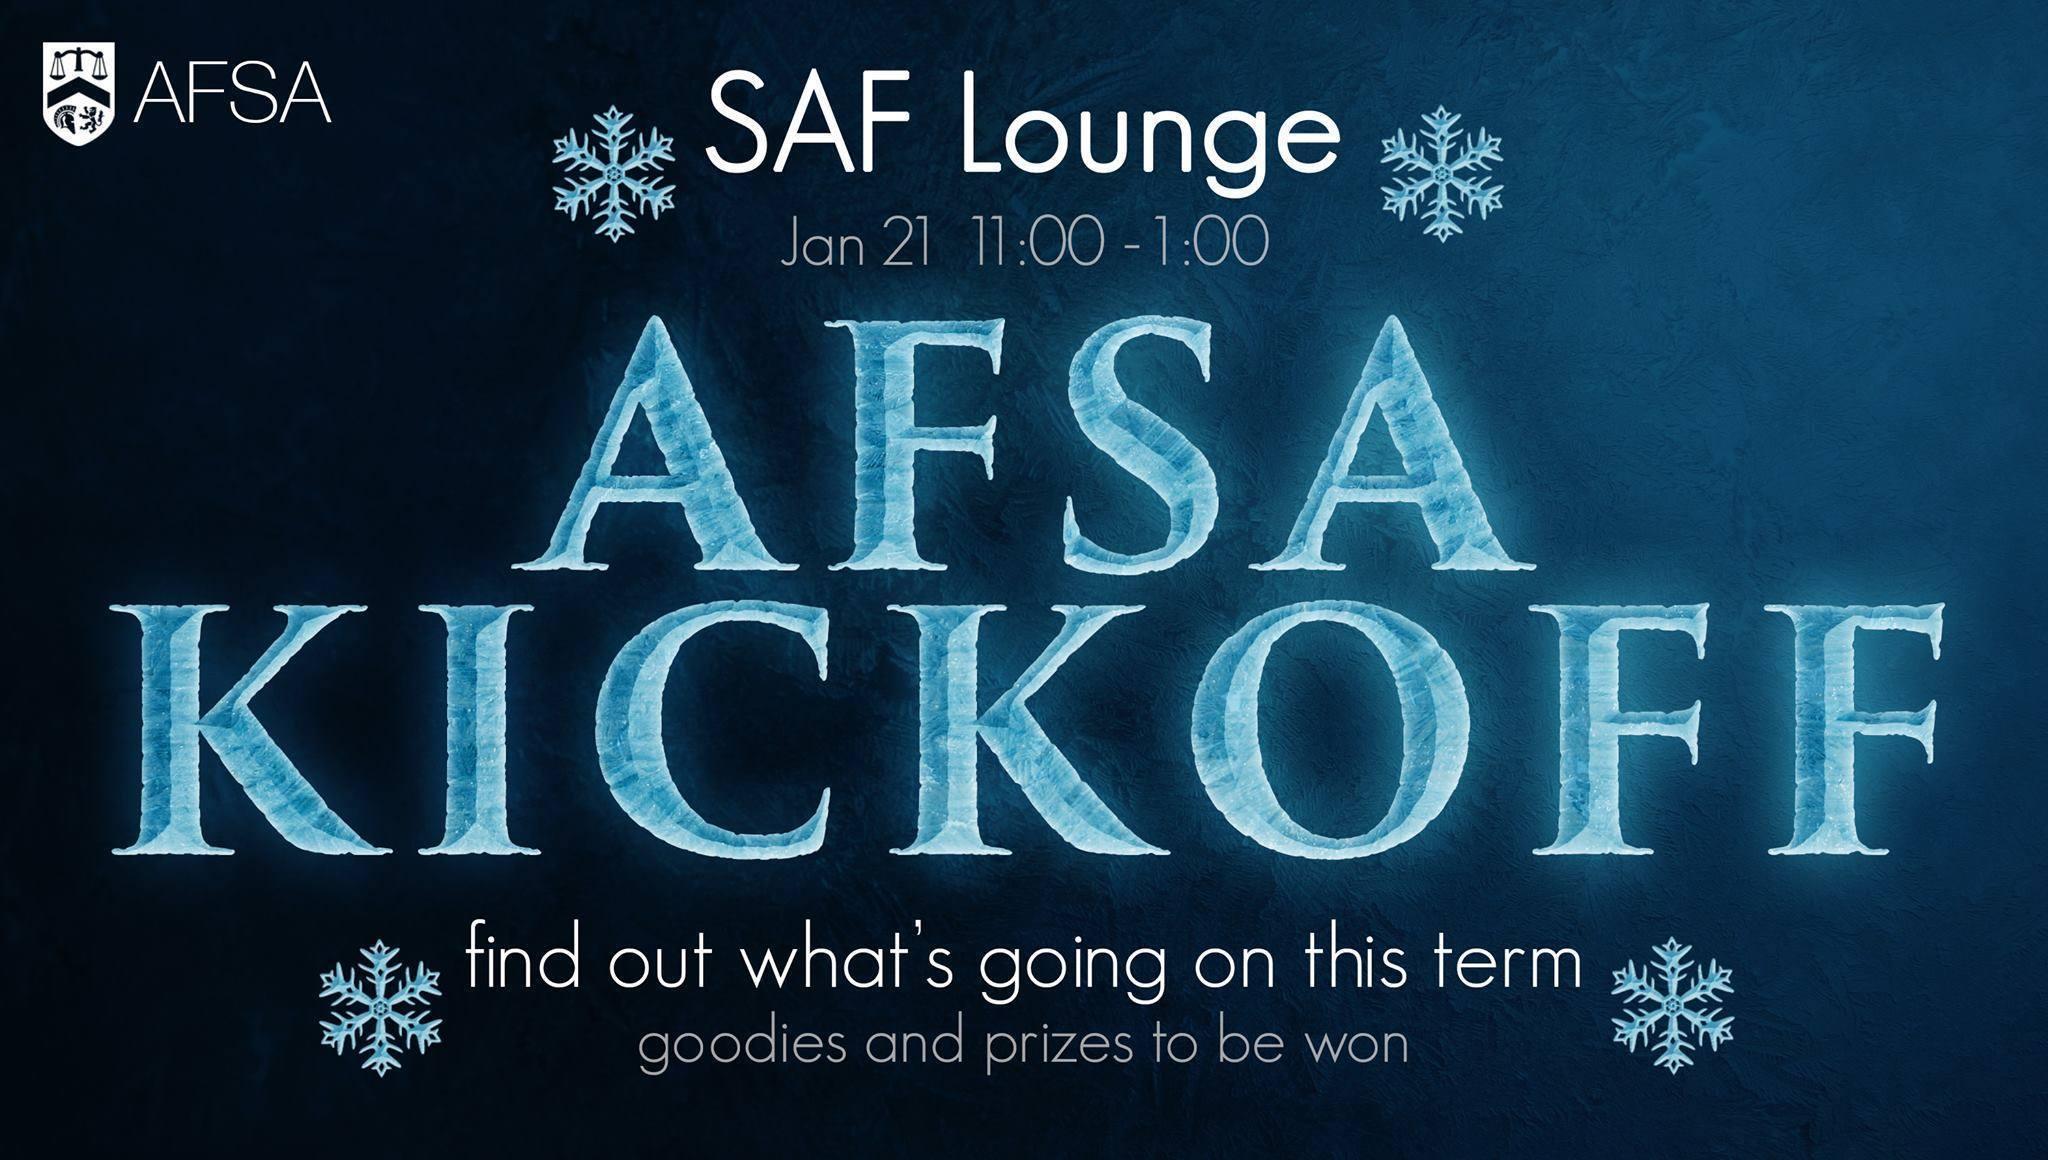 AFSA-Kickoff.jpg